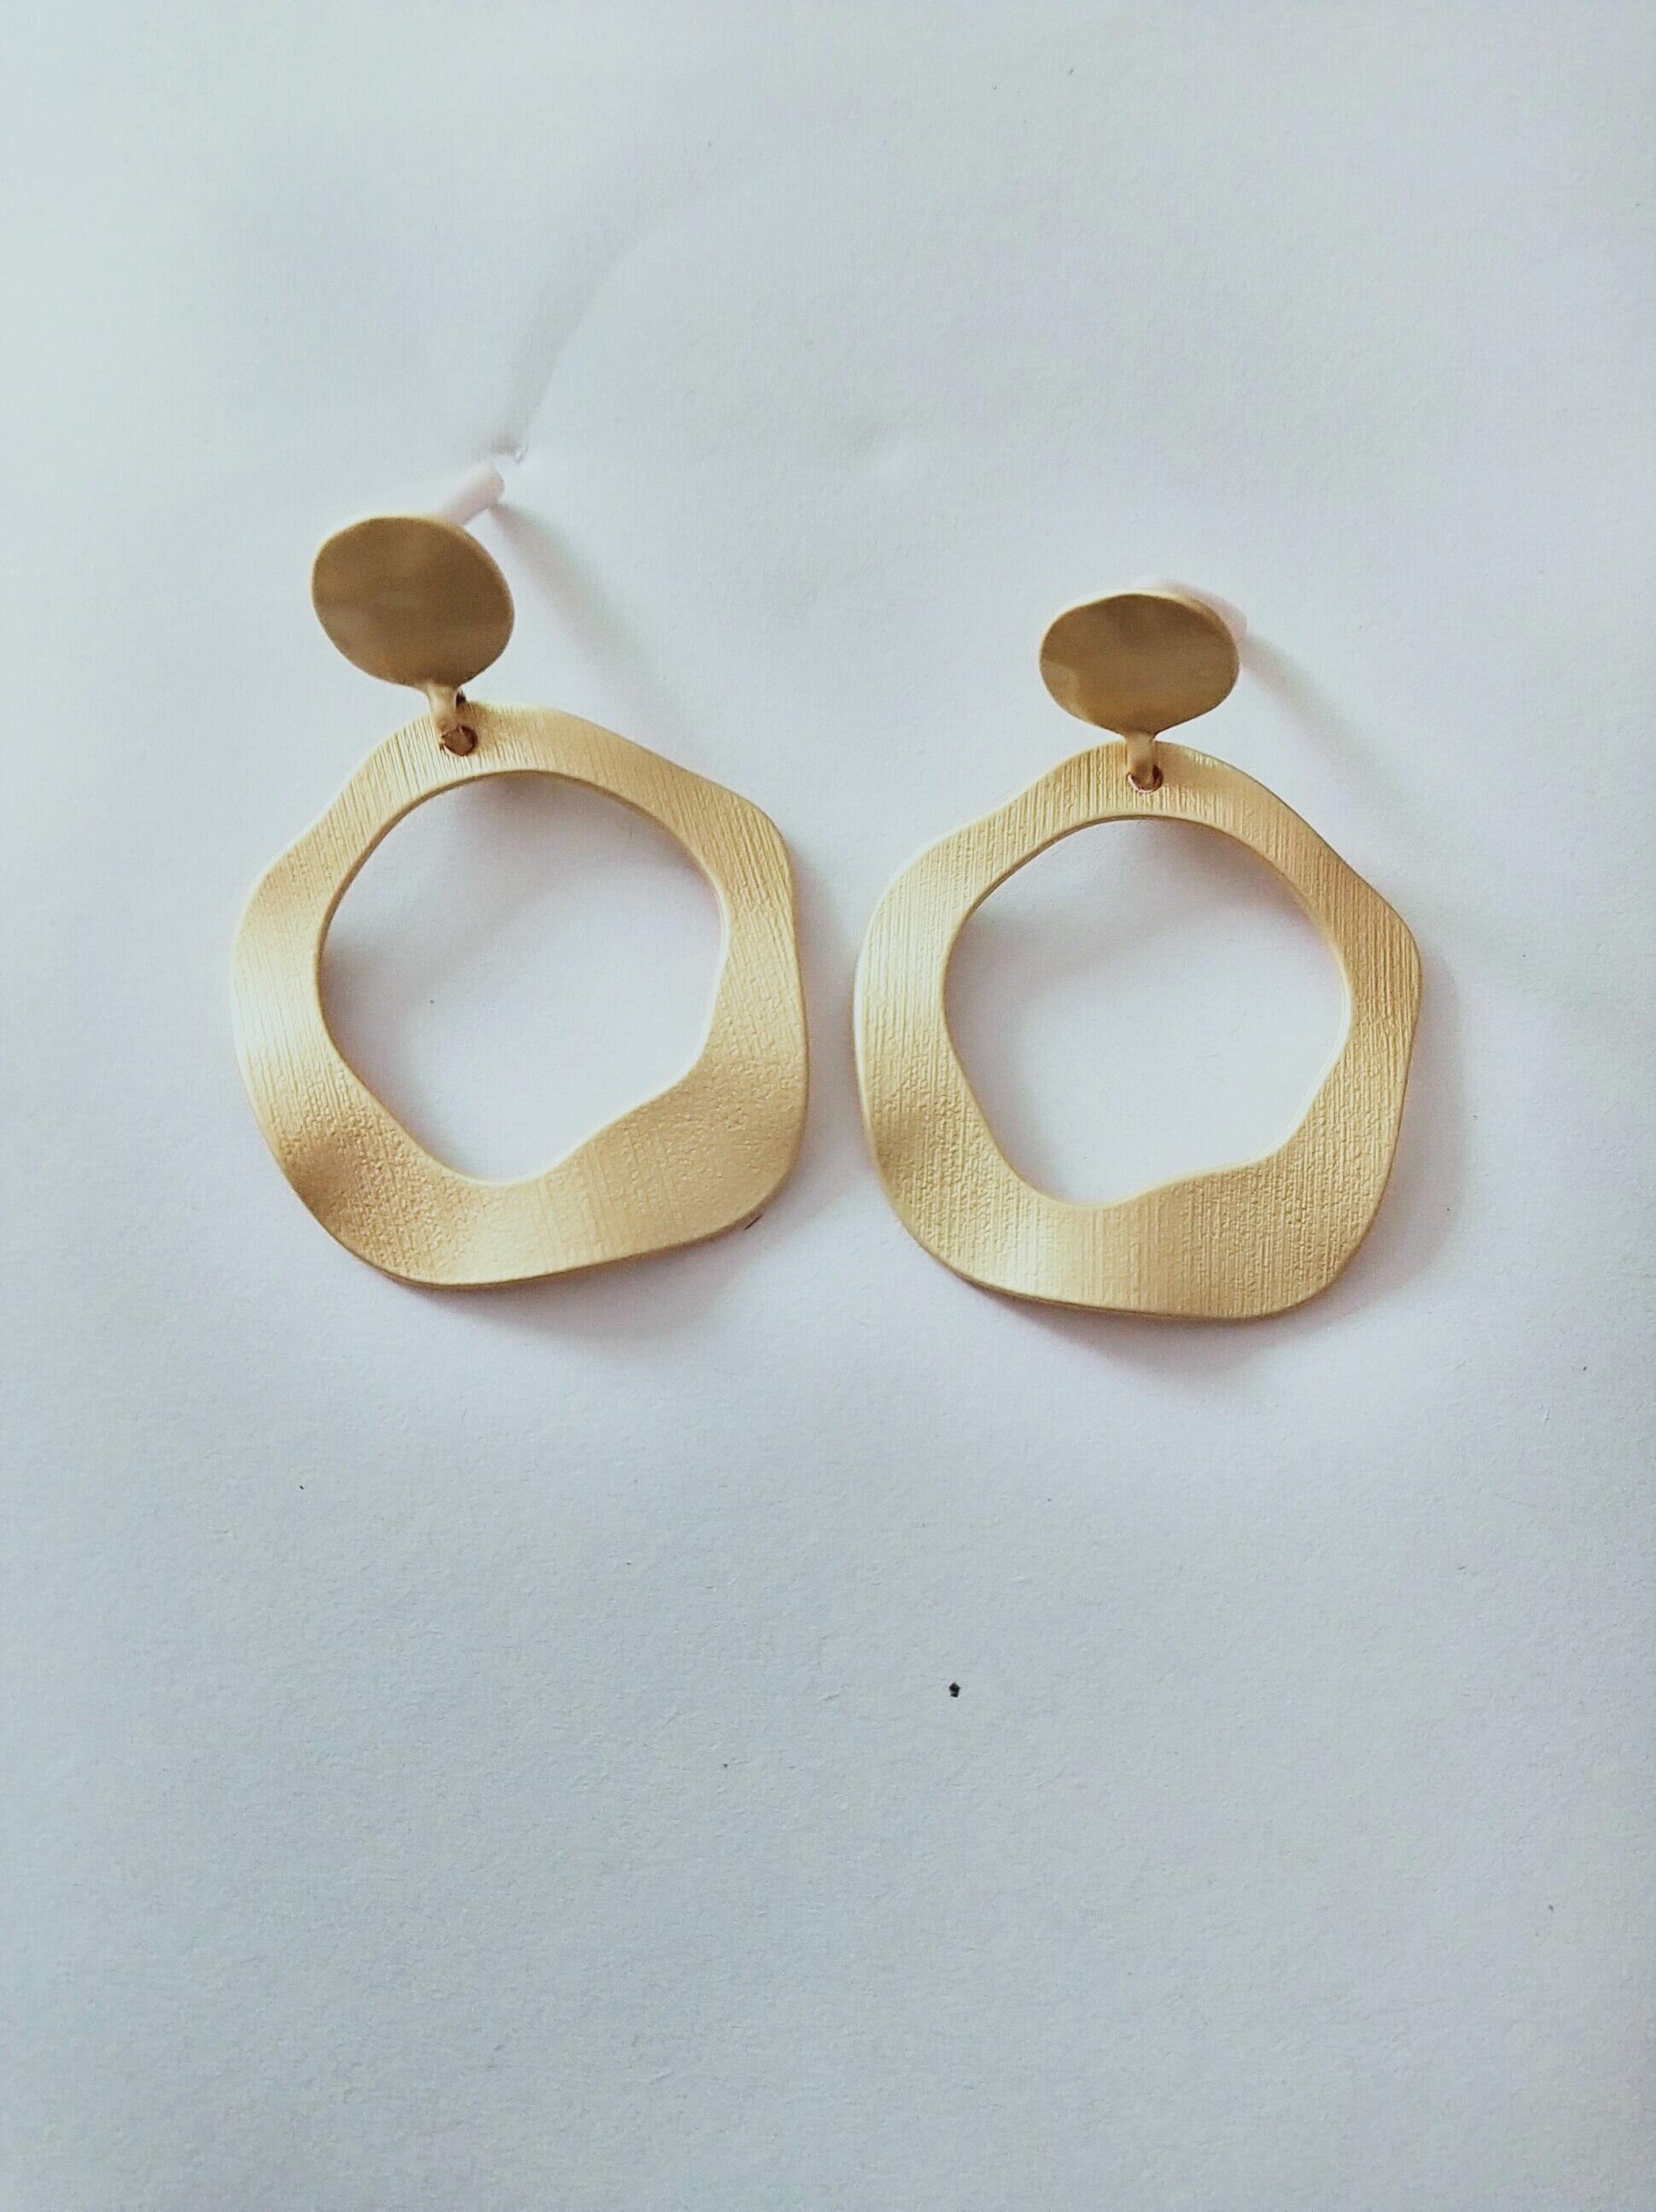 Дизайн модные Висячие Серьги Геометрические круглые блестящие стразы серьги женские ювелирные изделия - Окраска металла: ER242